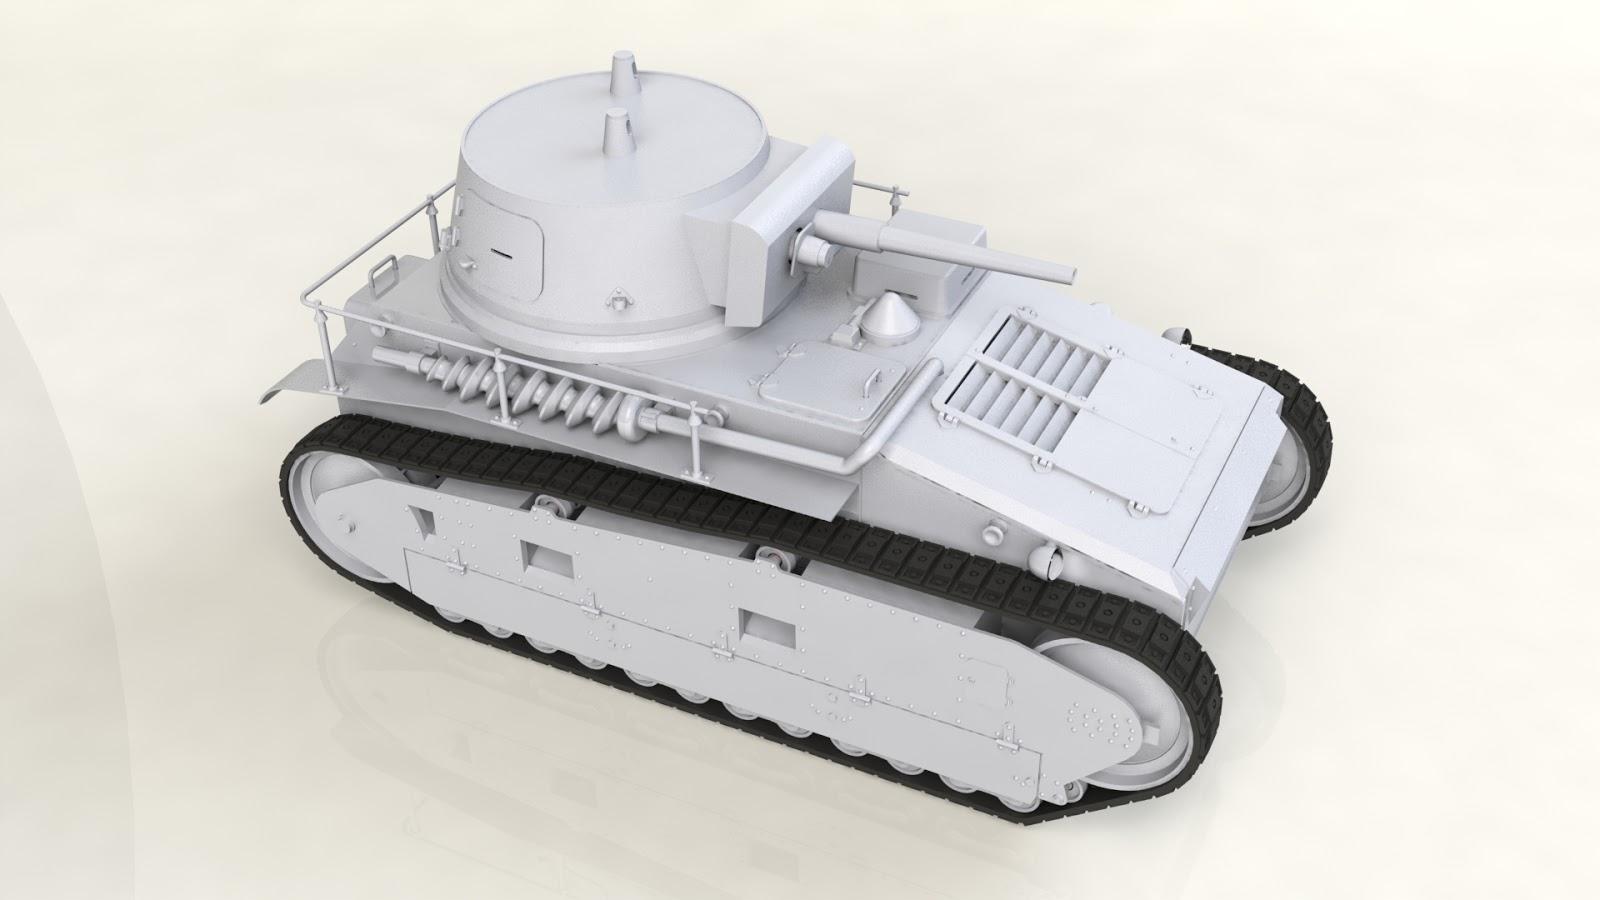 Kuvahaun tulos haulle icm German Tank Leichttraktor Rheinmetall 1930